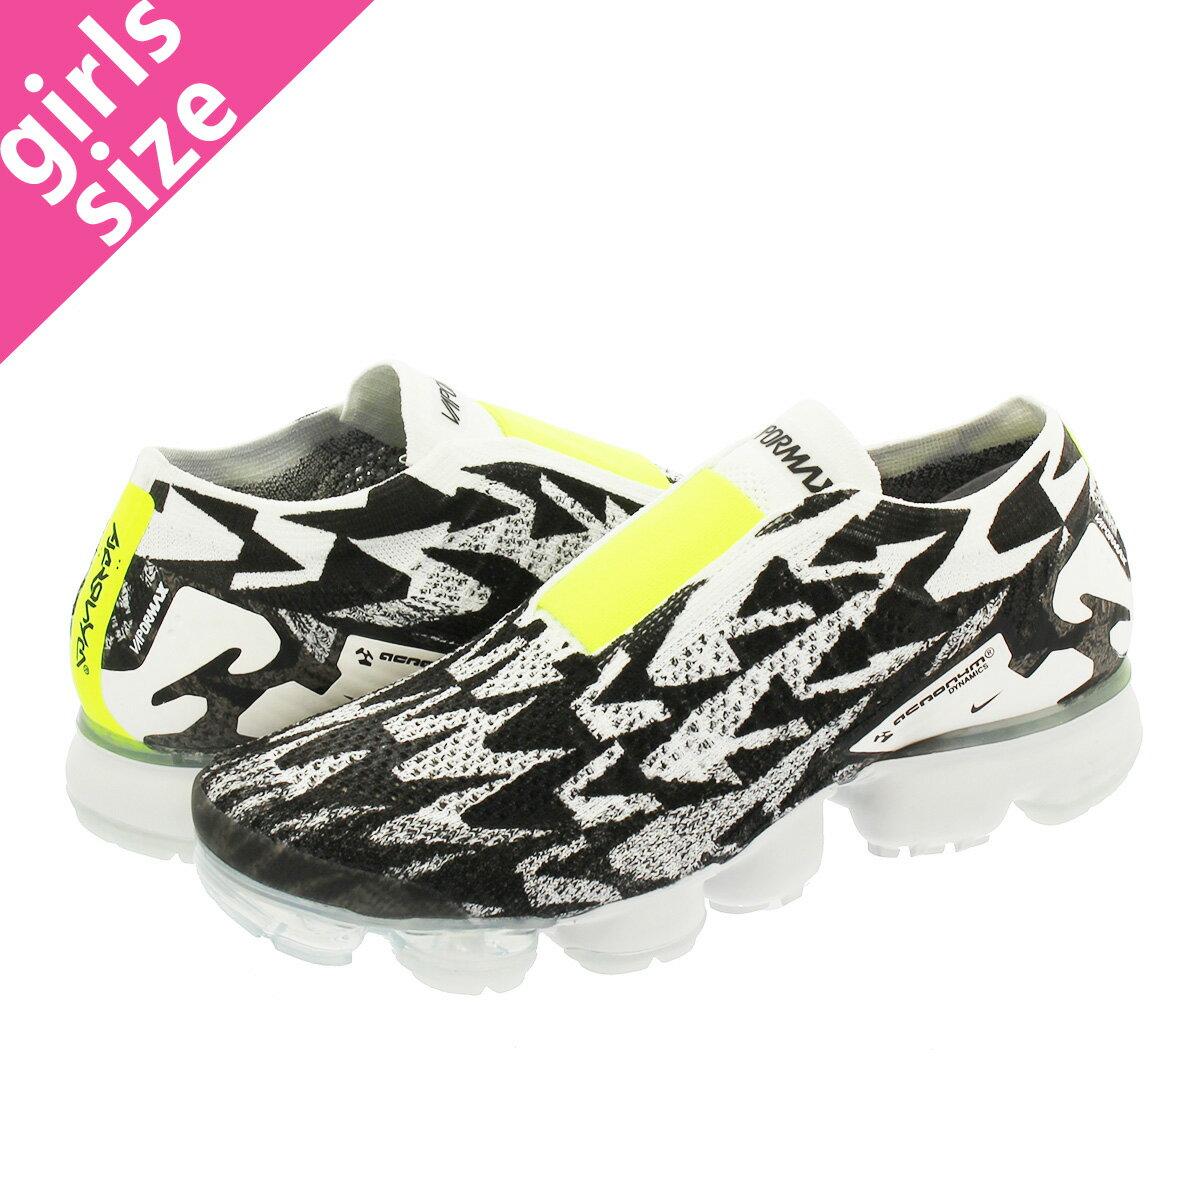 レディース靴, スニーカー NIKE ACRONYM AIR VAPORMAX MOC 2 2 LIGHT BONELIGHT BONEBLACK aq0996-001-l